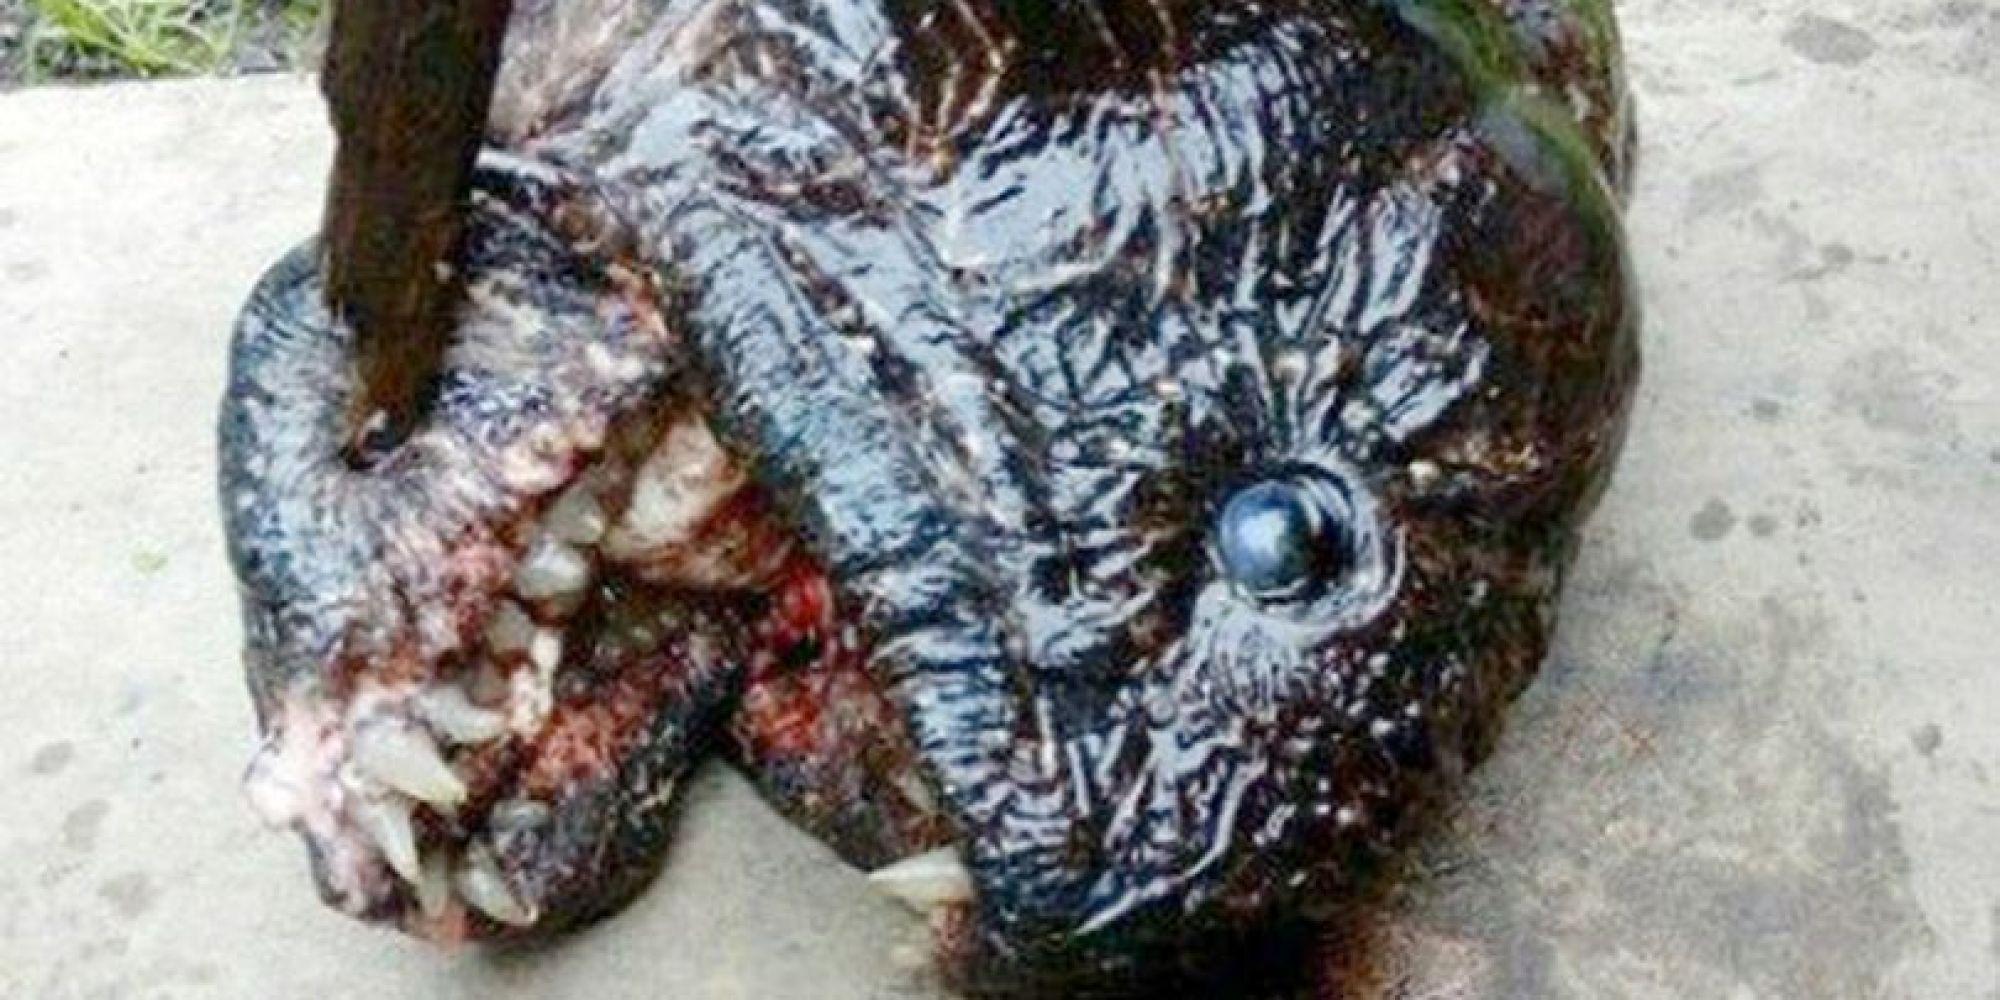 Ein Angler denkt, er fängt einen Fisch – stattdessen hat er einen Mutanten an der Angel